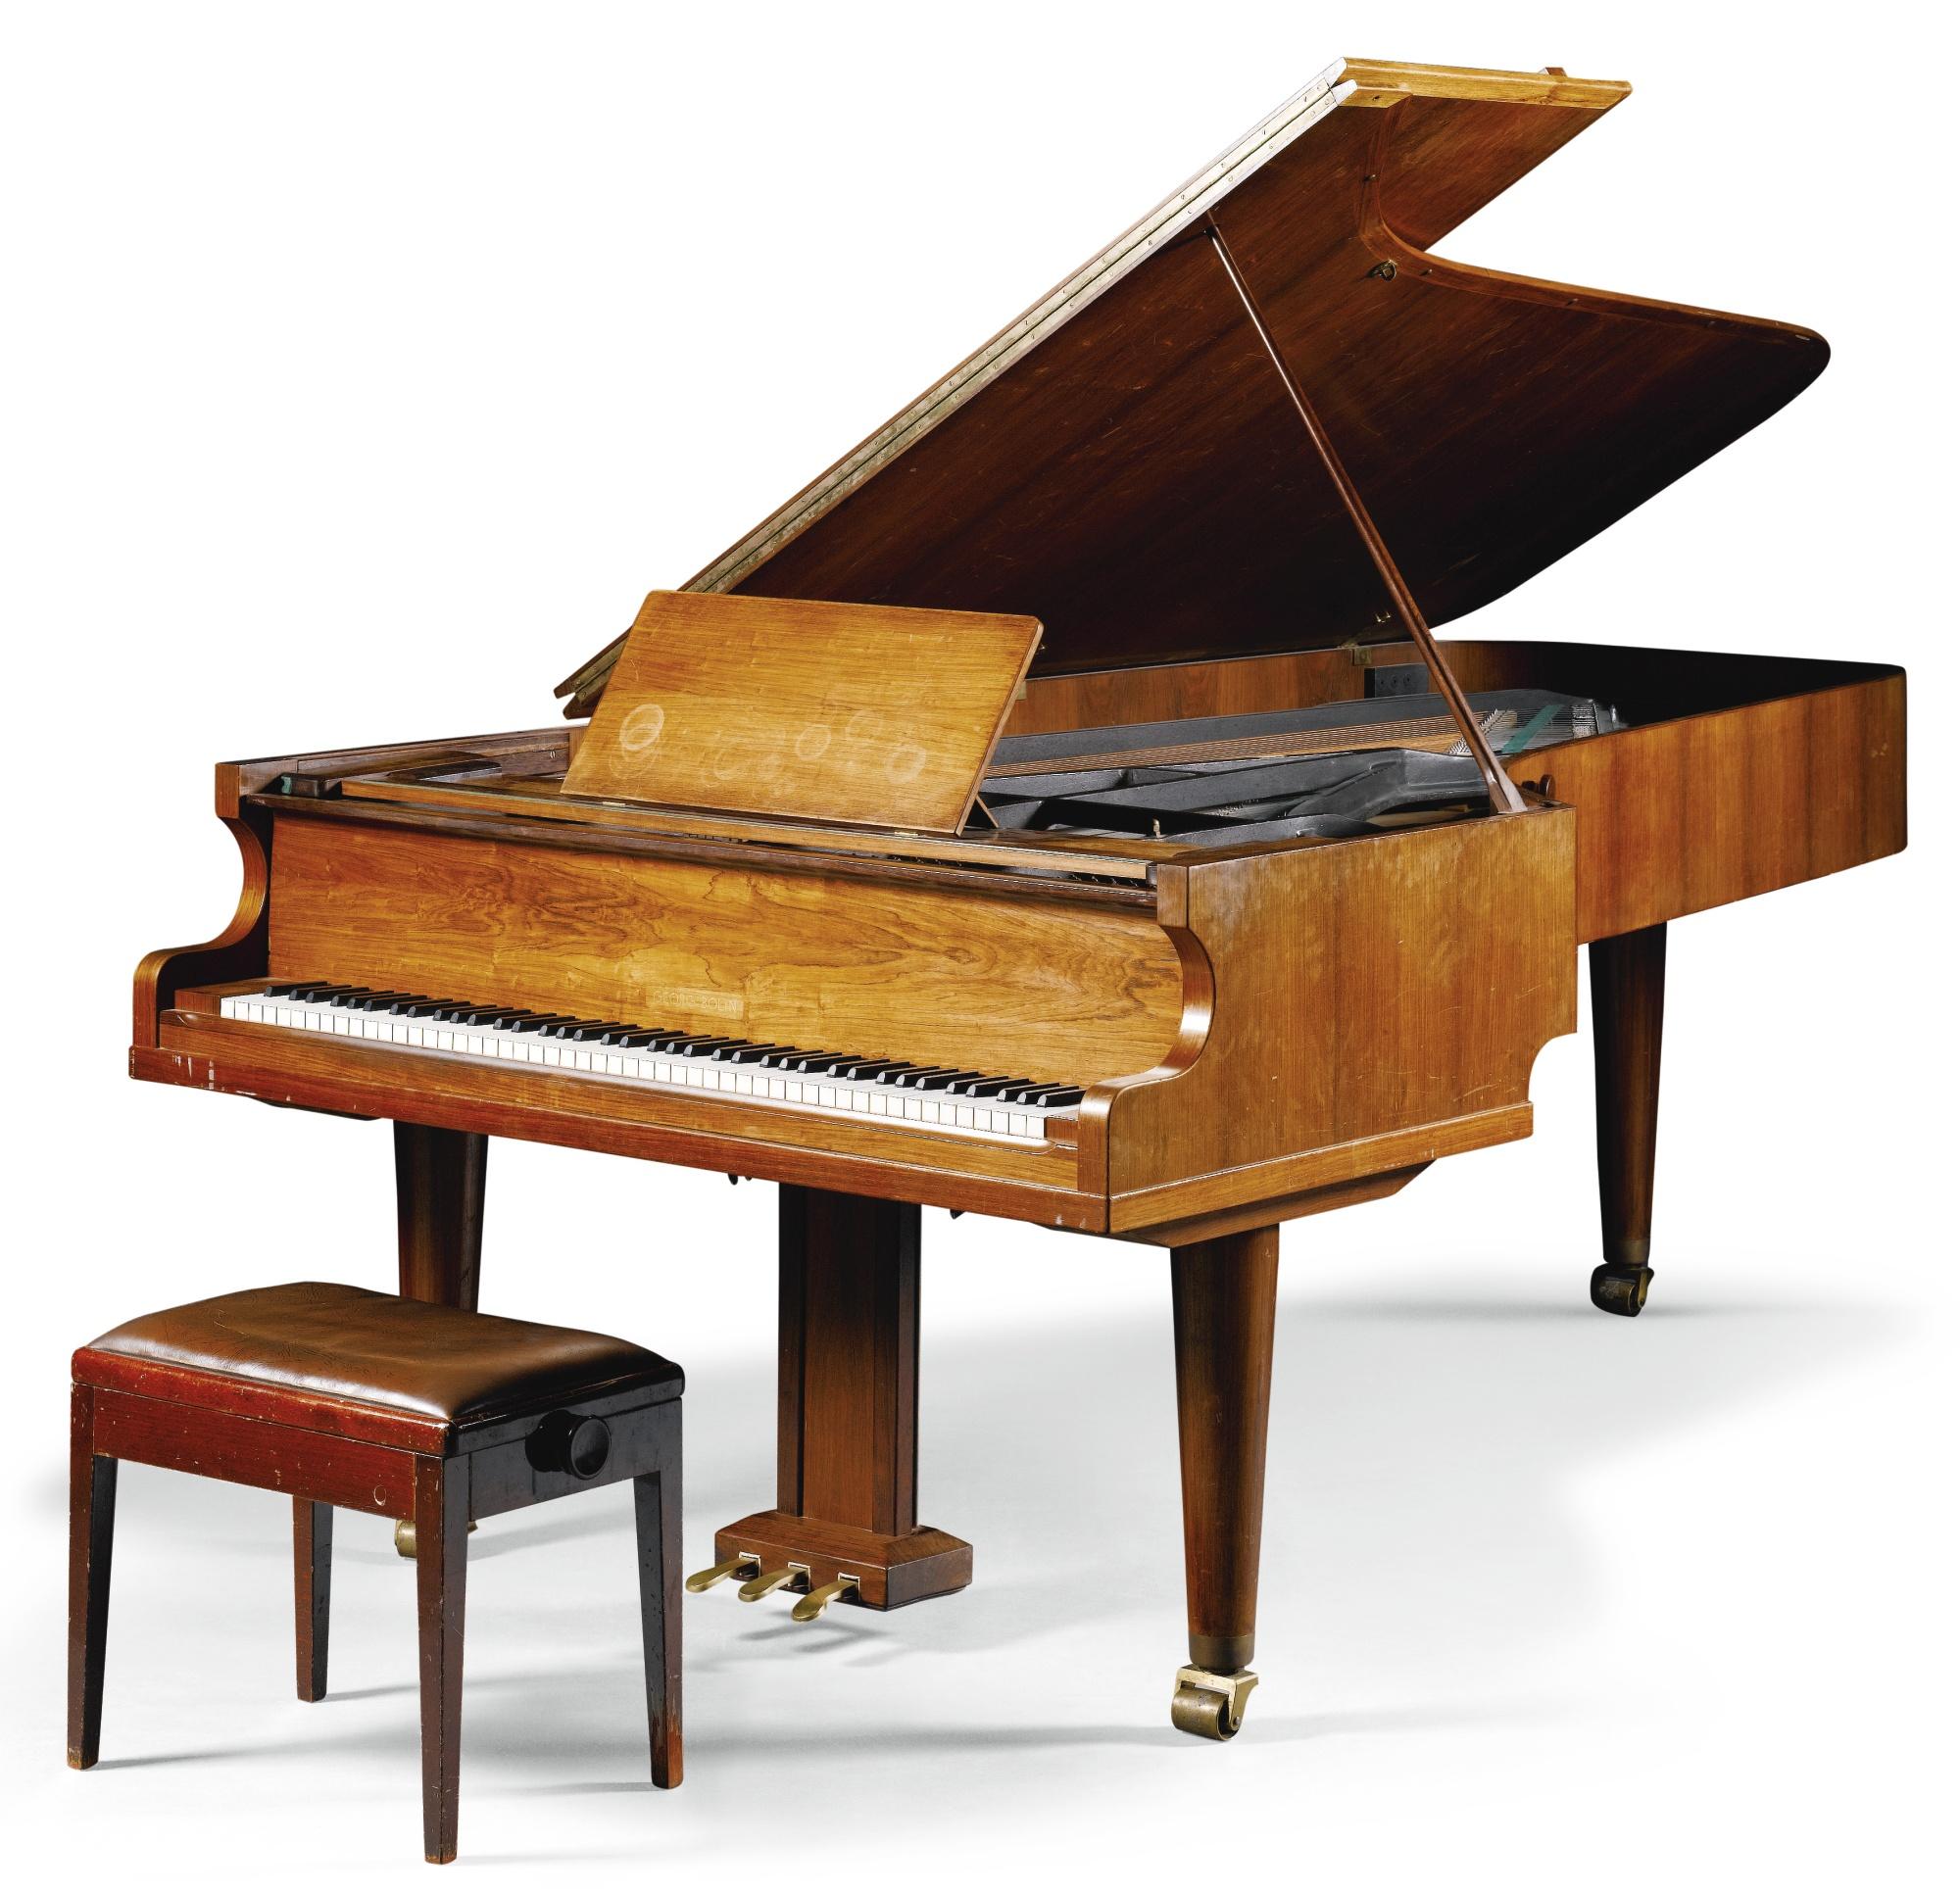 El 'Abba Grand', usado por la banda en sus principales grabaciones. (Foto: Sotheby's)